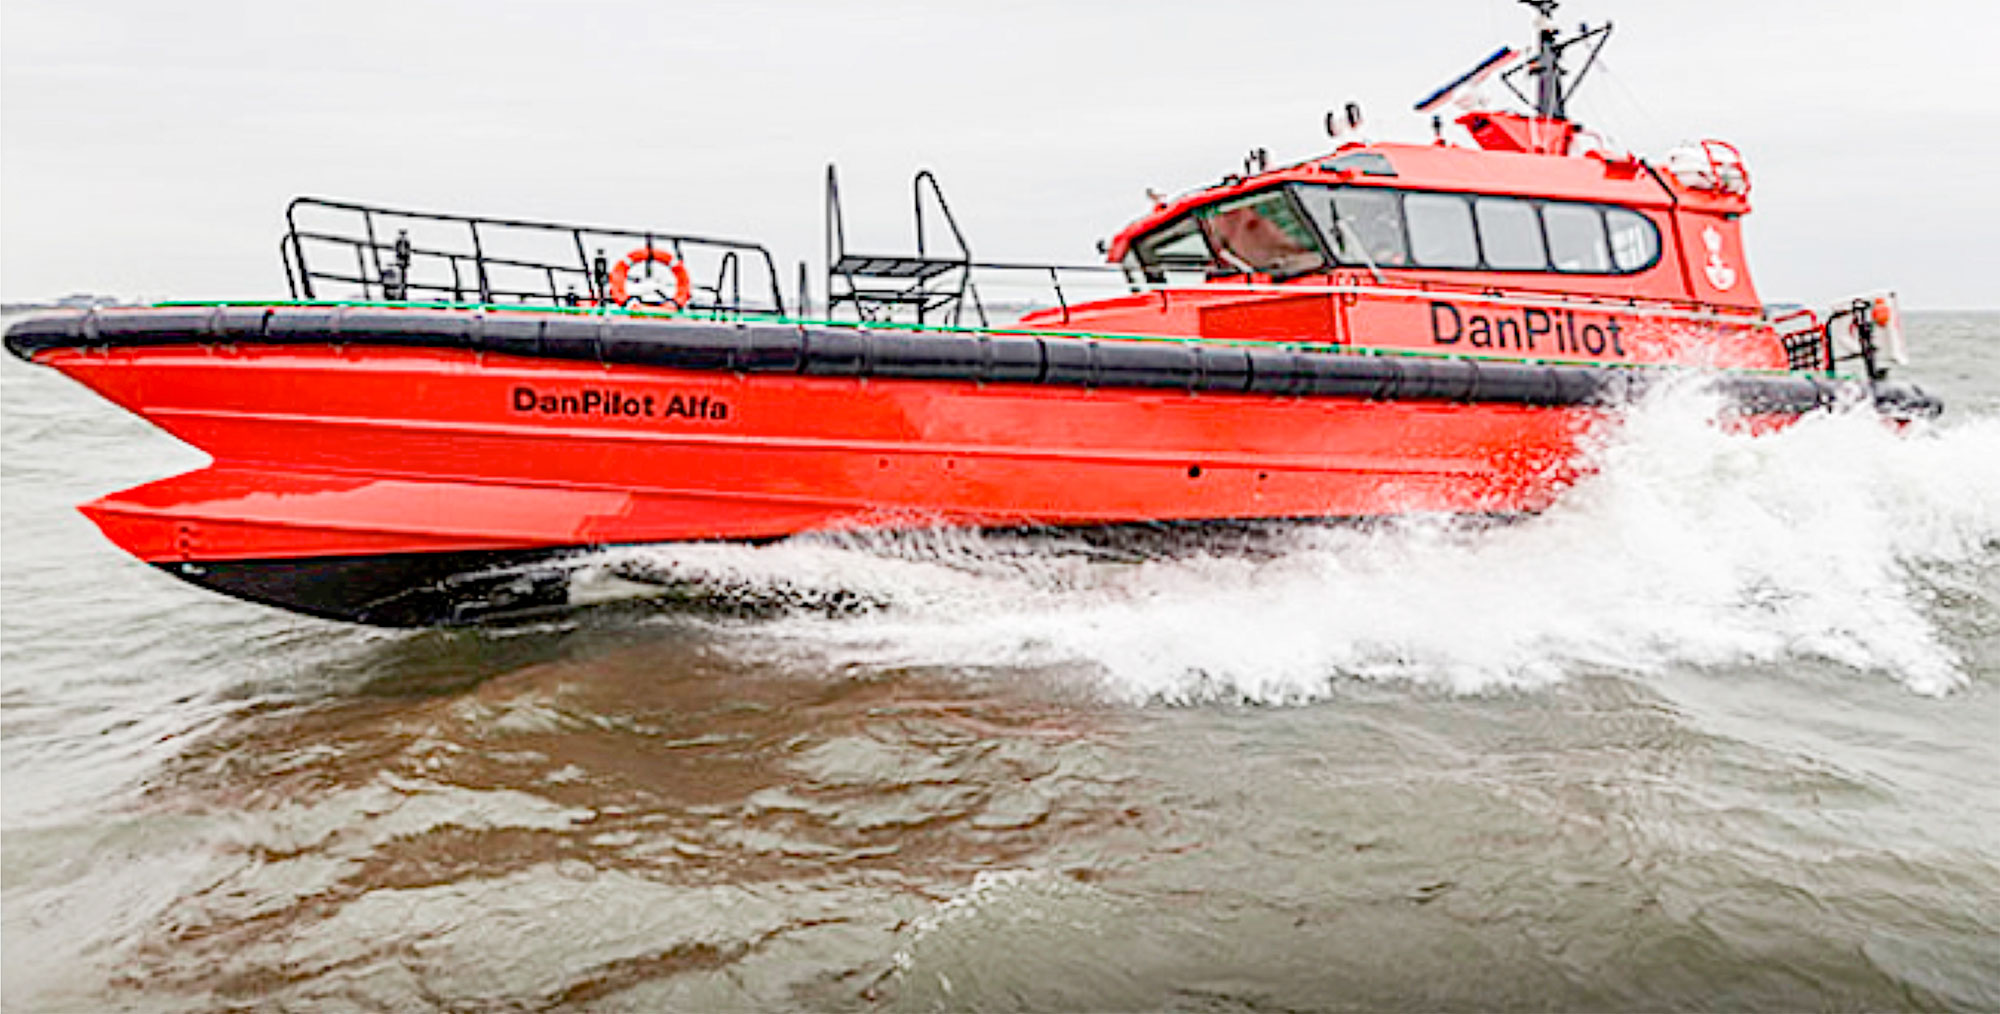 DanPilot, der er ejet af staten, har hovedsæde i Svendborg og råder over 100 bådførere og 185 lodser, som årligt udfører mere end 22.000 lodsninger fra 21 havne fordelt over hele landet.